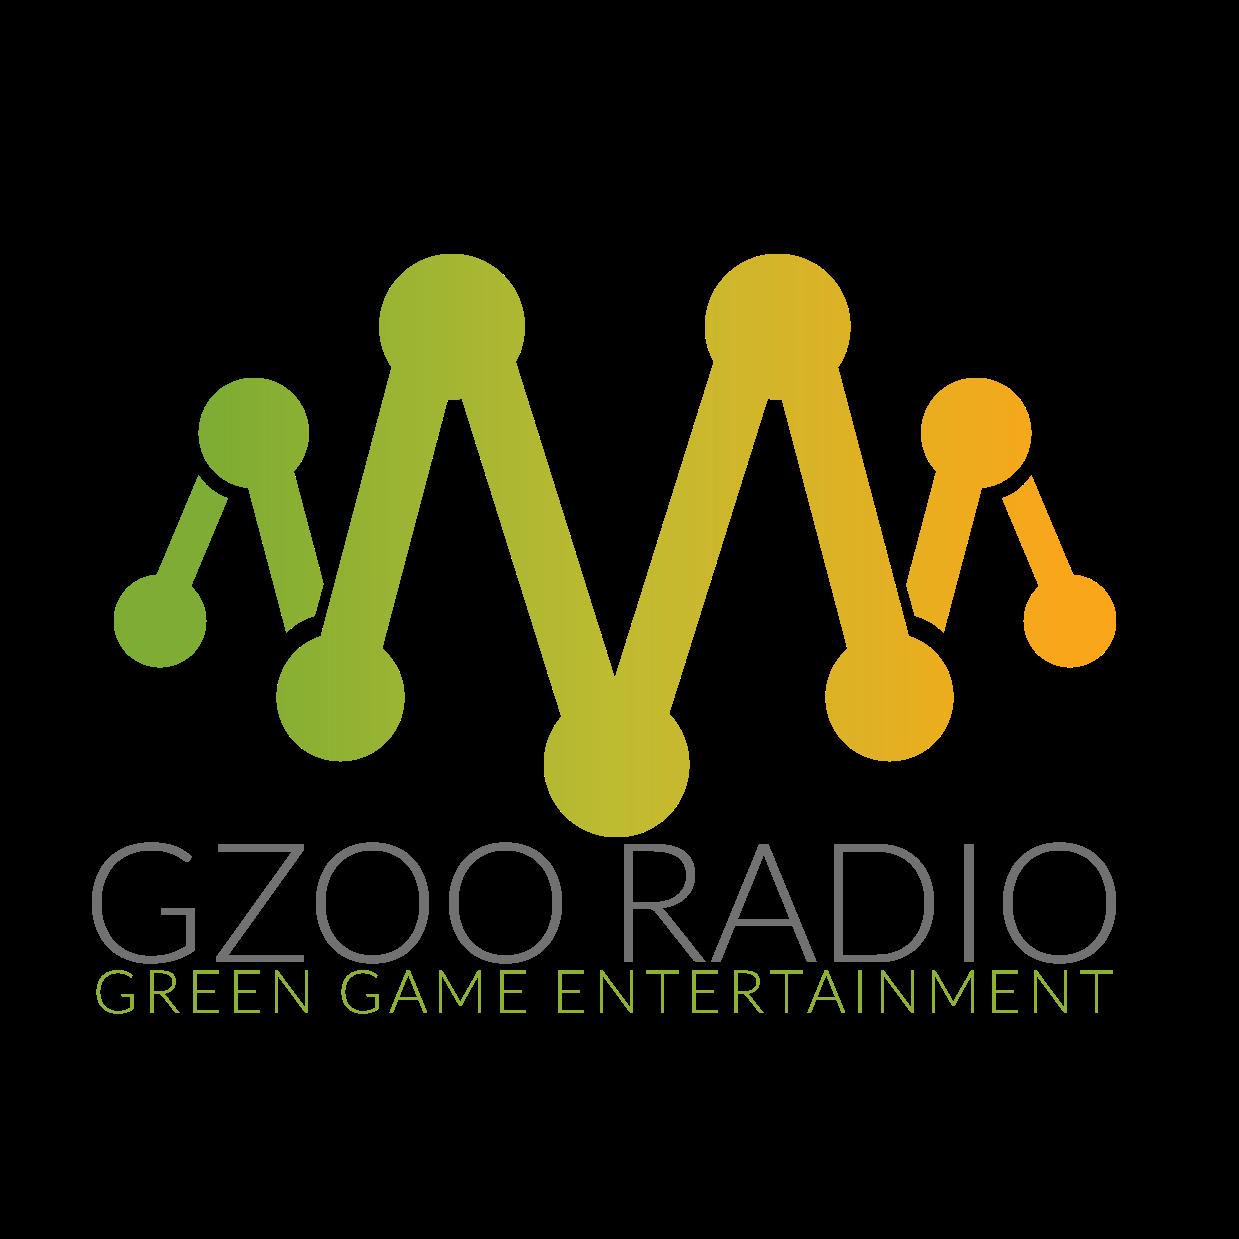 Gzoo Radio